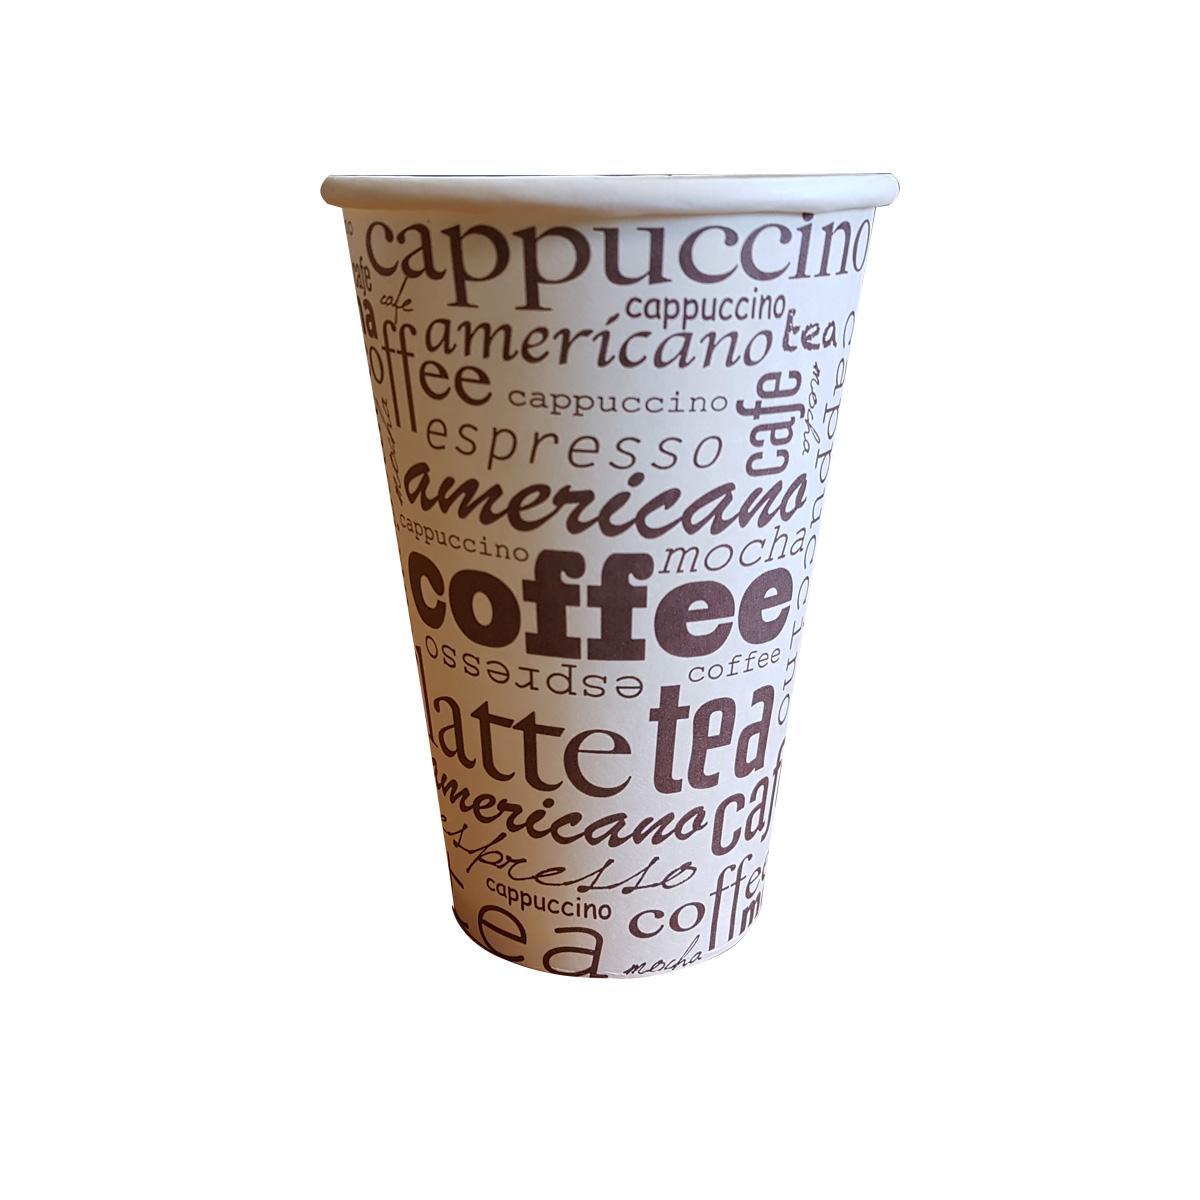 Cappuccino pahare carton 16 oz set 50 buc